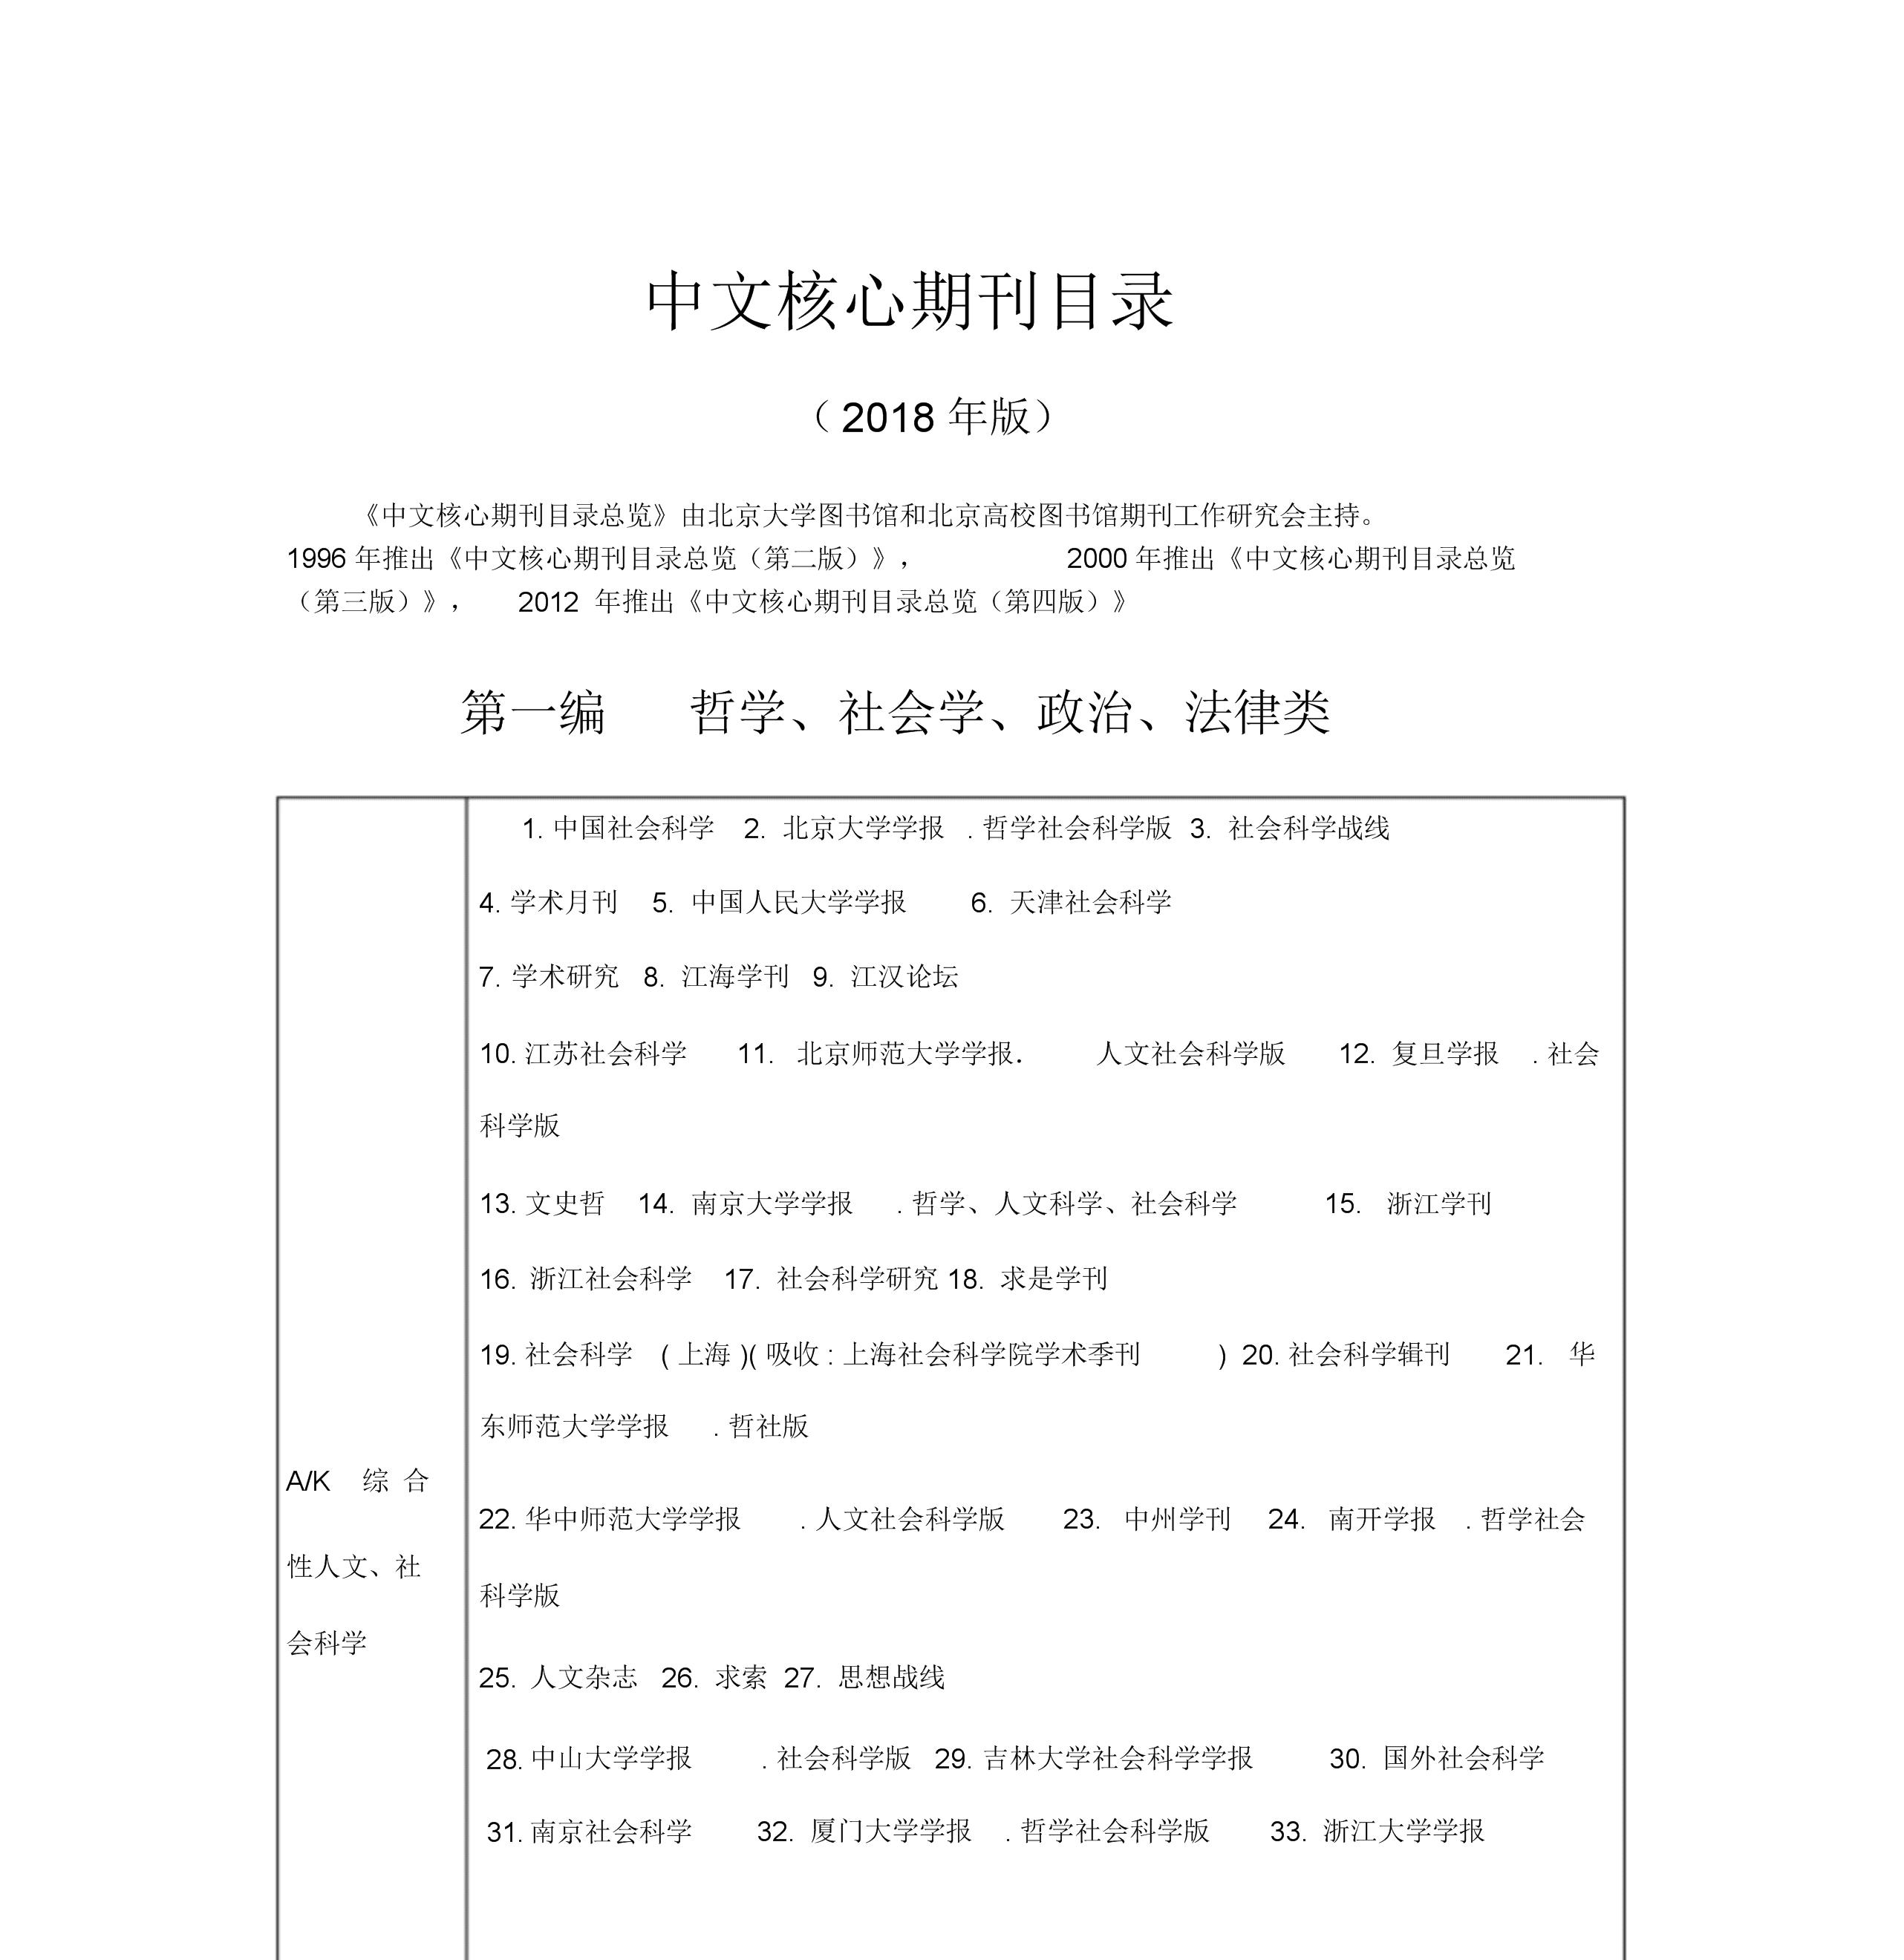 最权威全国核心期刊目录.docx